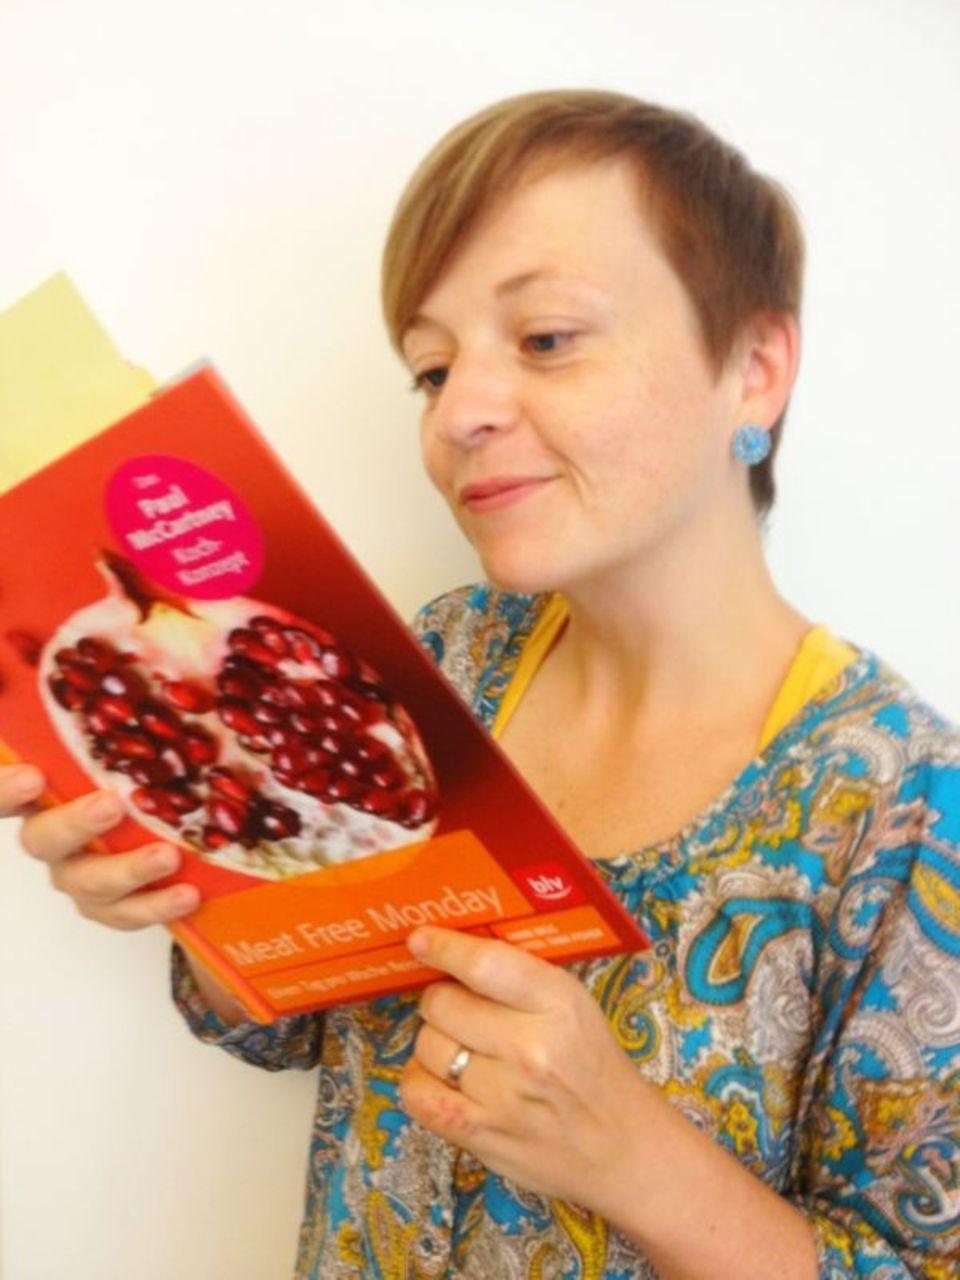 """Gala.de-Redakteurin Ines Weißbach hat Rezepte aus dem Kochbuch """"Meat Free Monday. Einen Tag pro Woche fleischfrei essen"""" nachgekocht."""